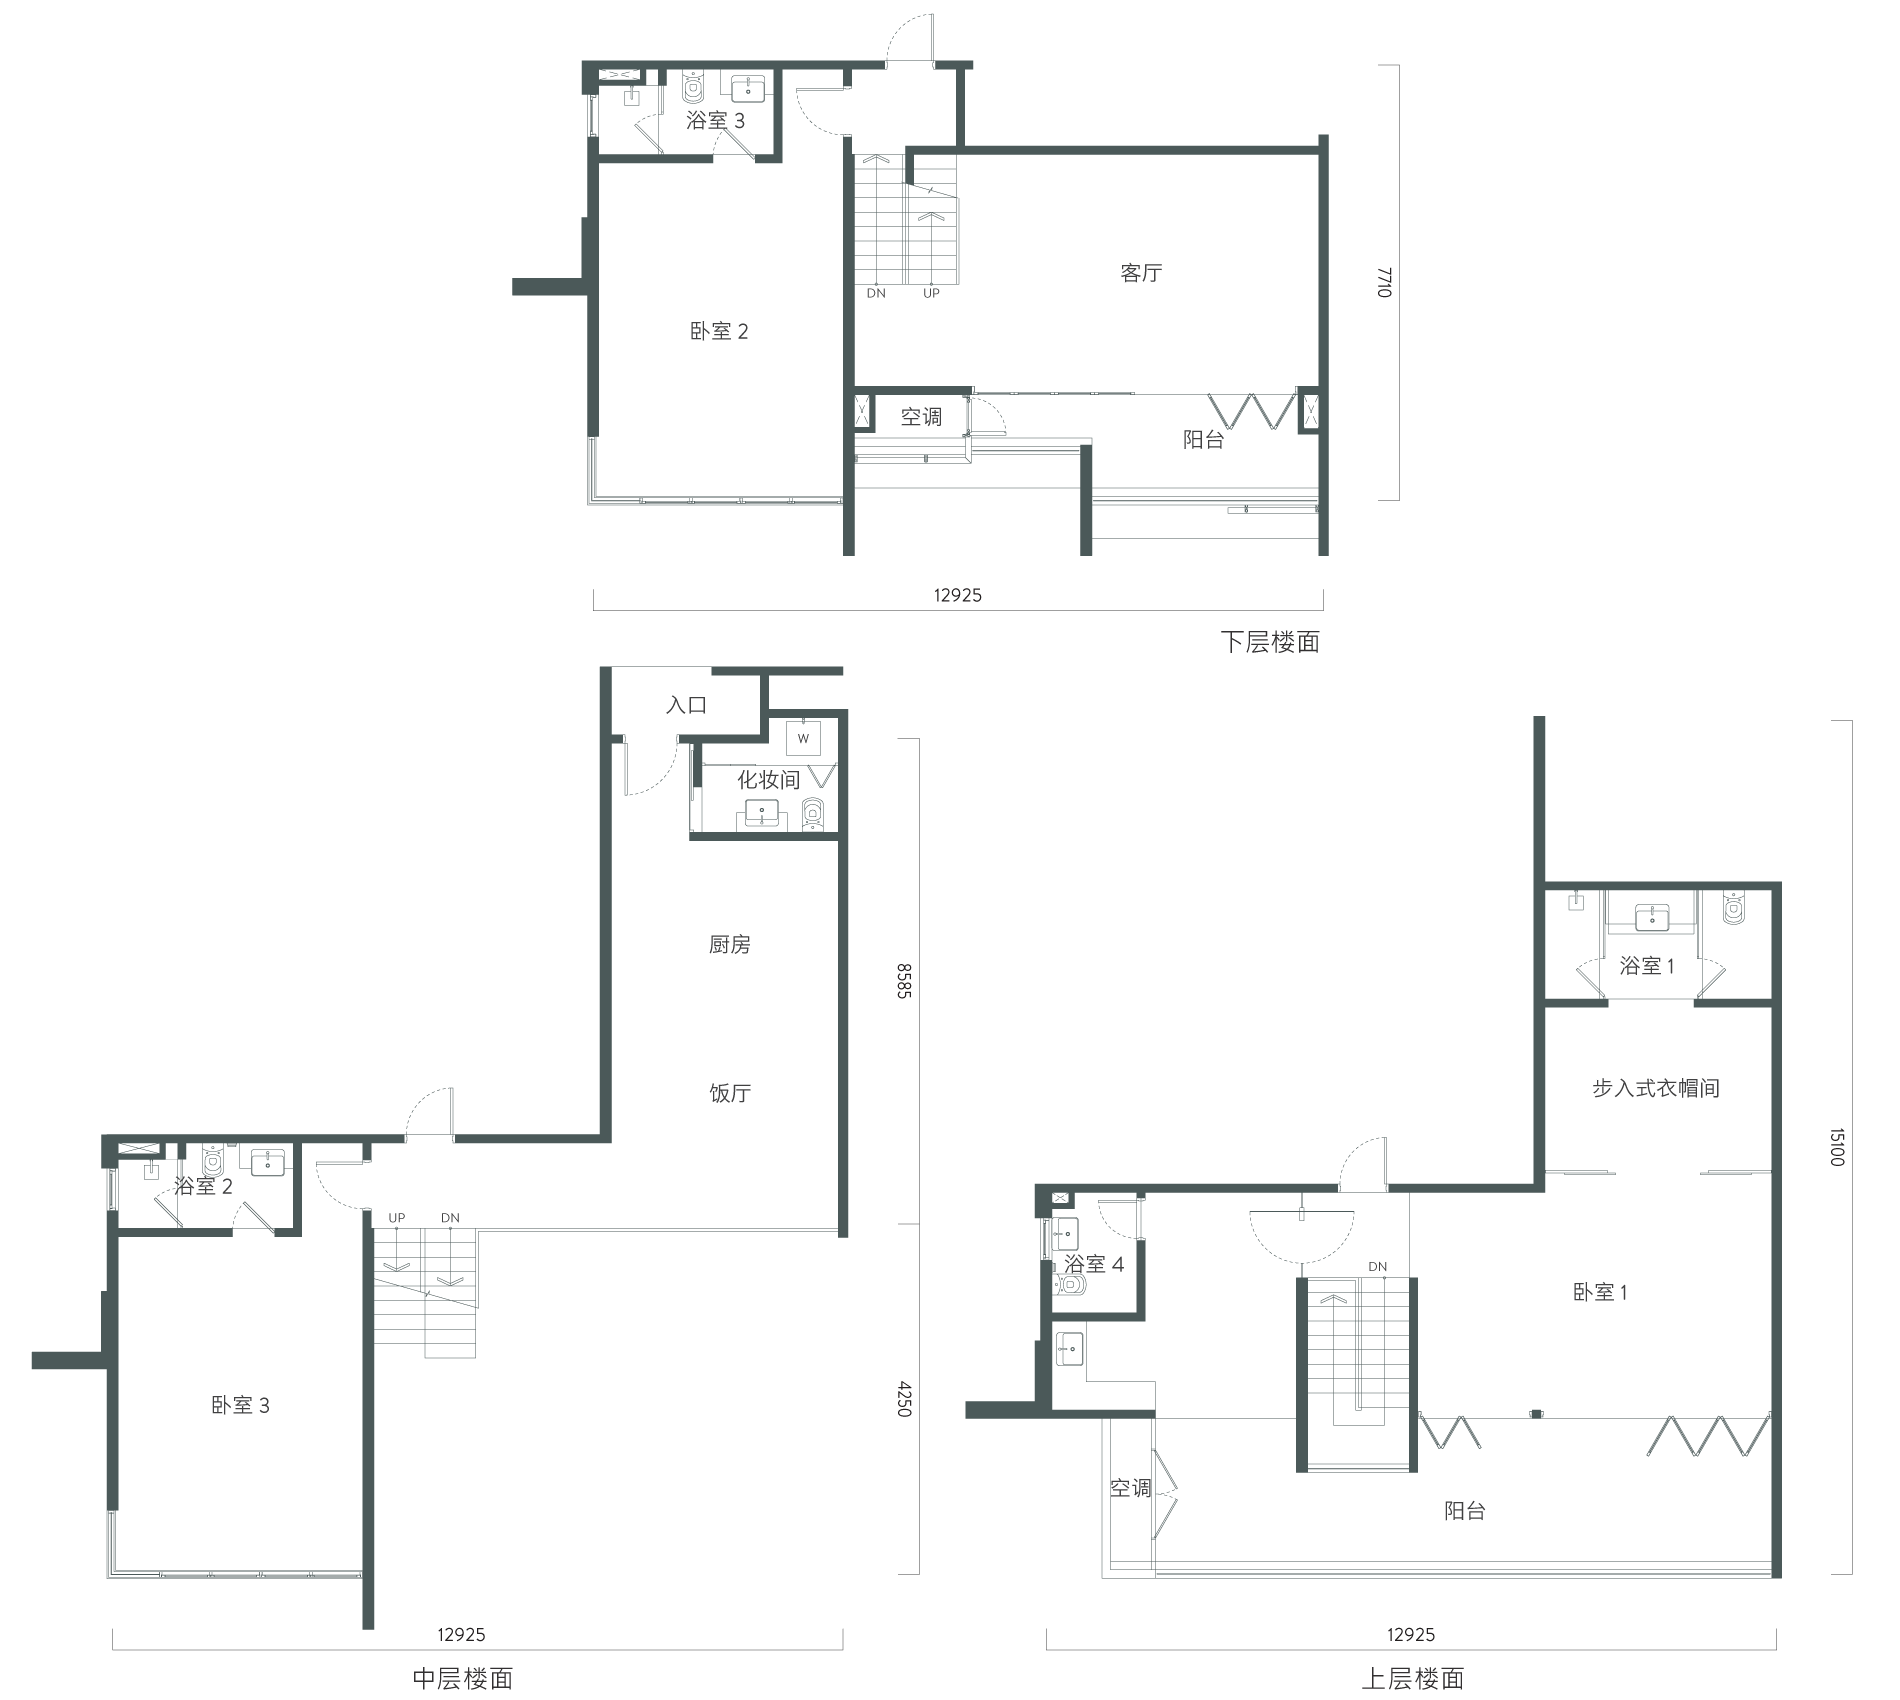 TC10 Floorplan